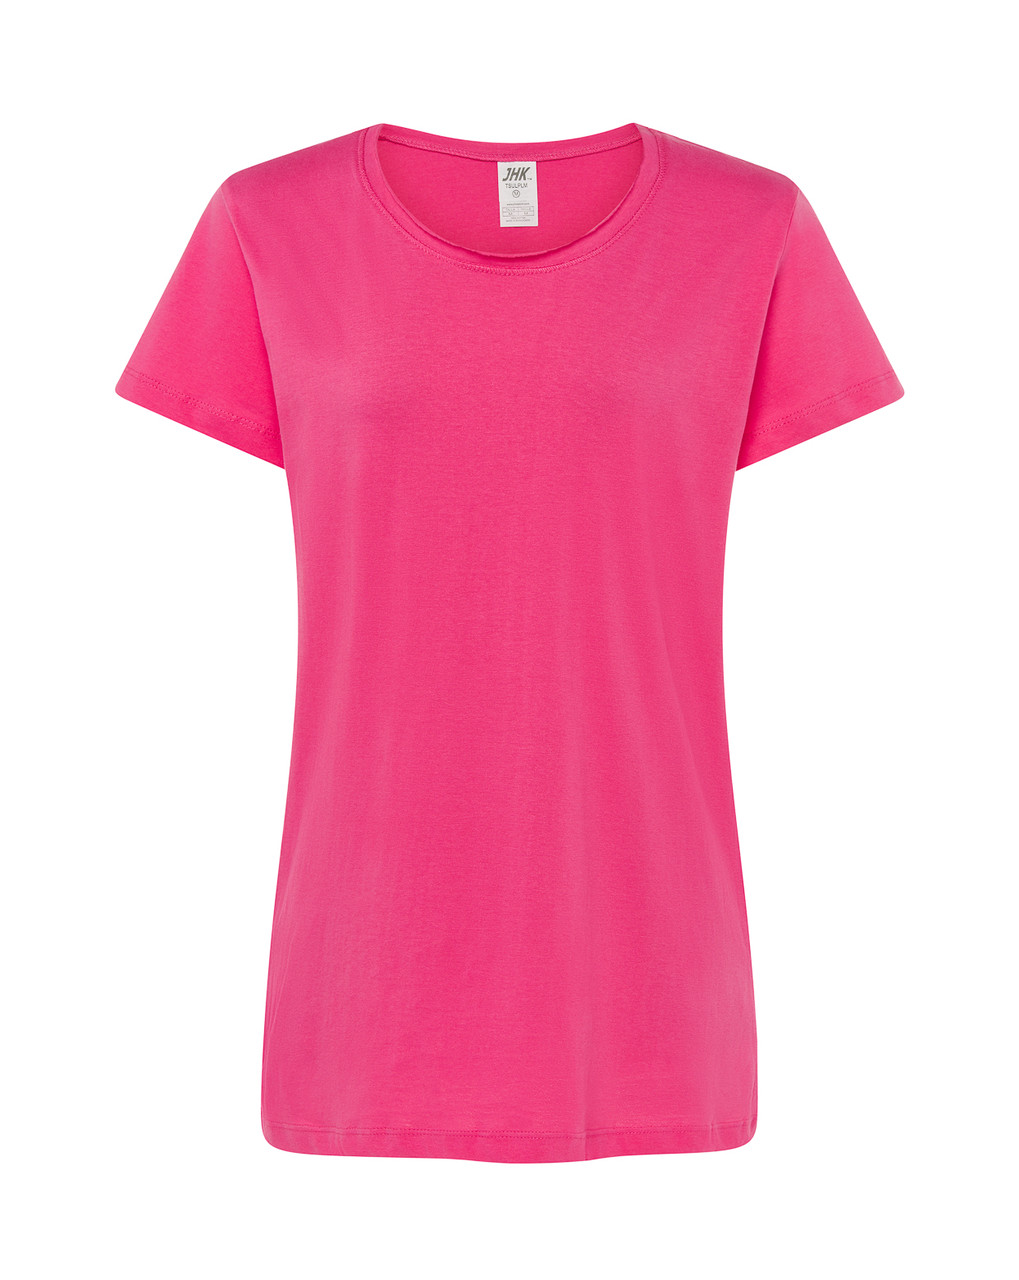 Женская футболка JHK PALMA розовый (AL)